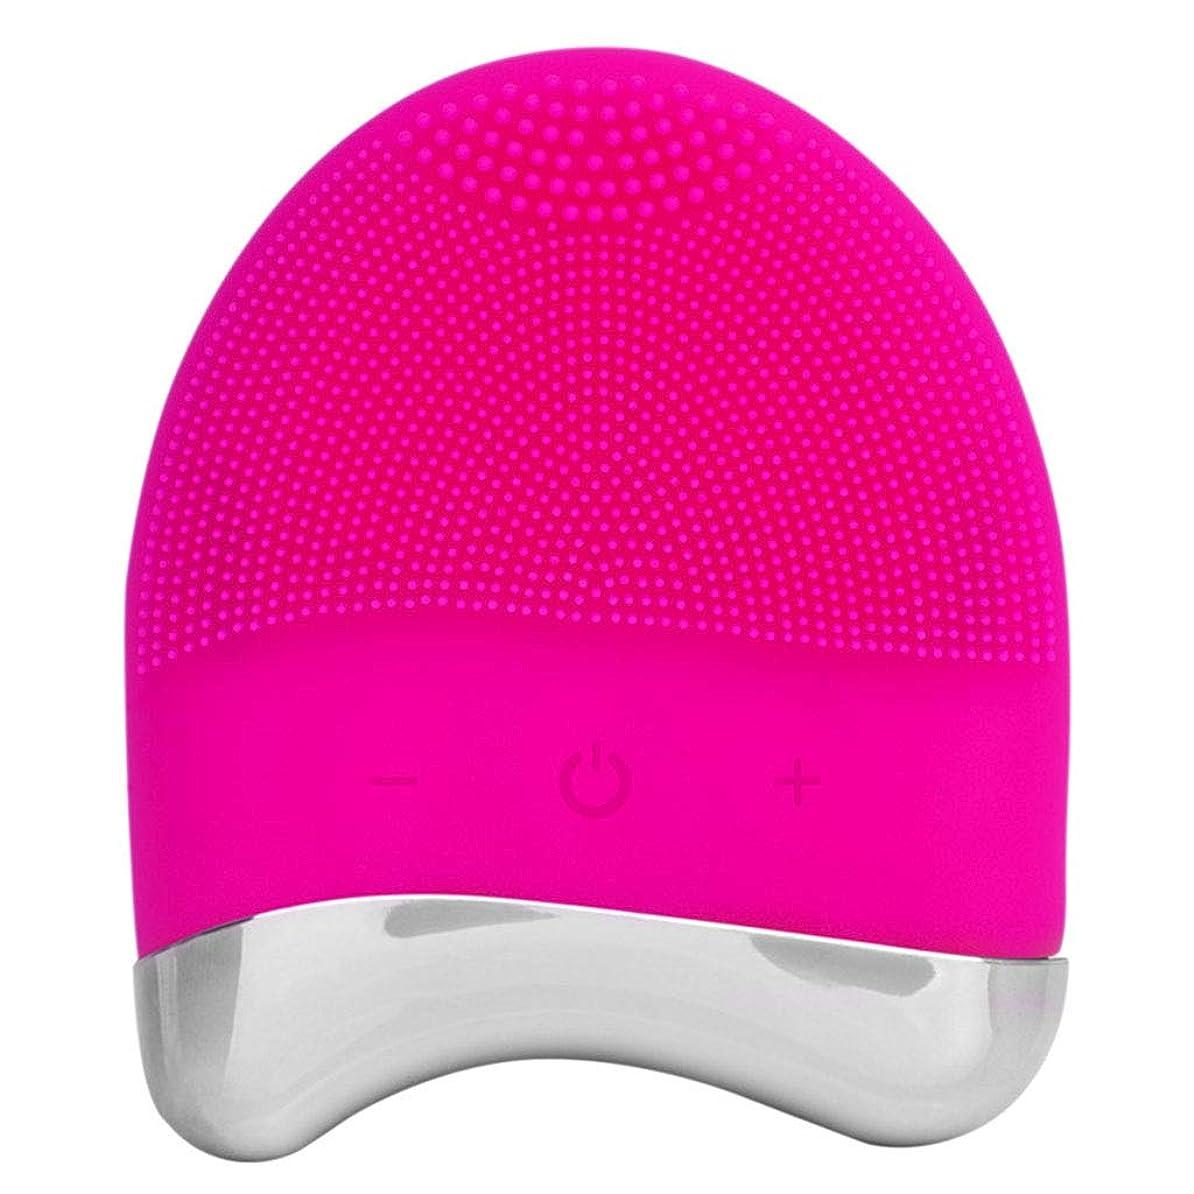 引き付けるハッチ忘れるソニック洗顔ブラシ、電気シリコーンフェイスマッサージャー防水、アンチエイジングスキンクレンジングシステムとディープエクスフォリエーター